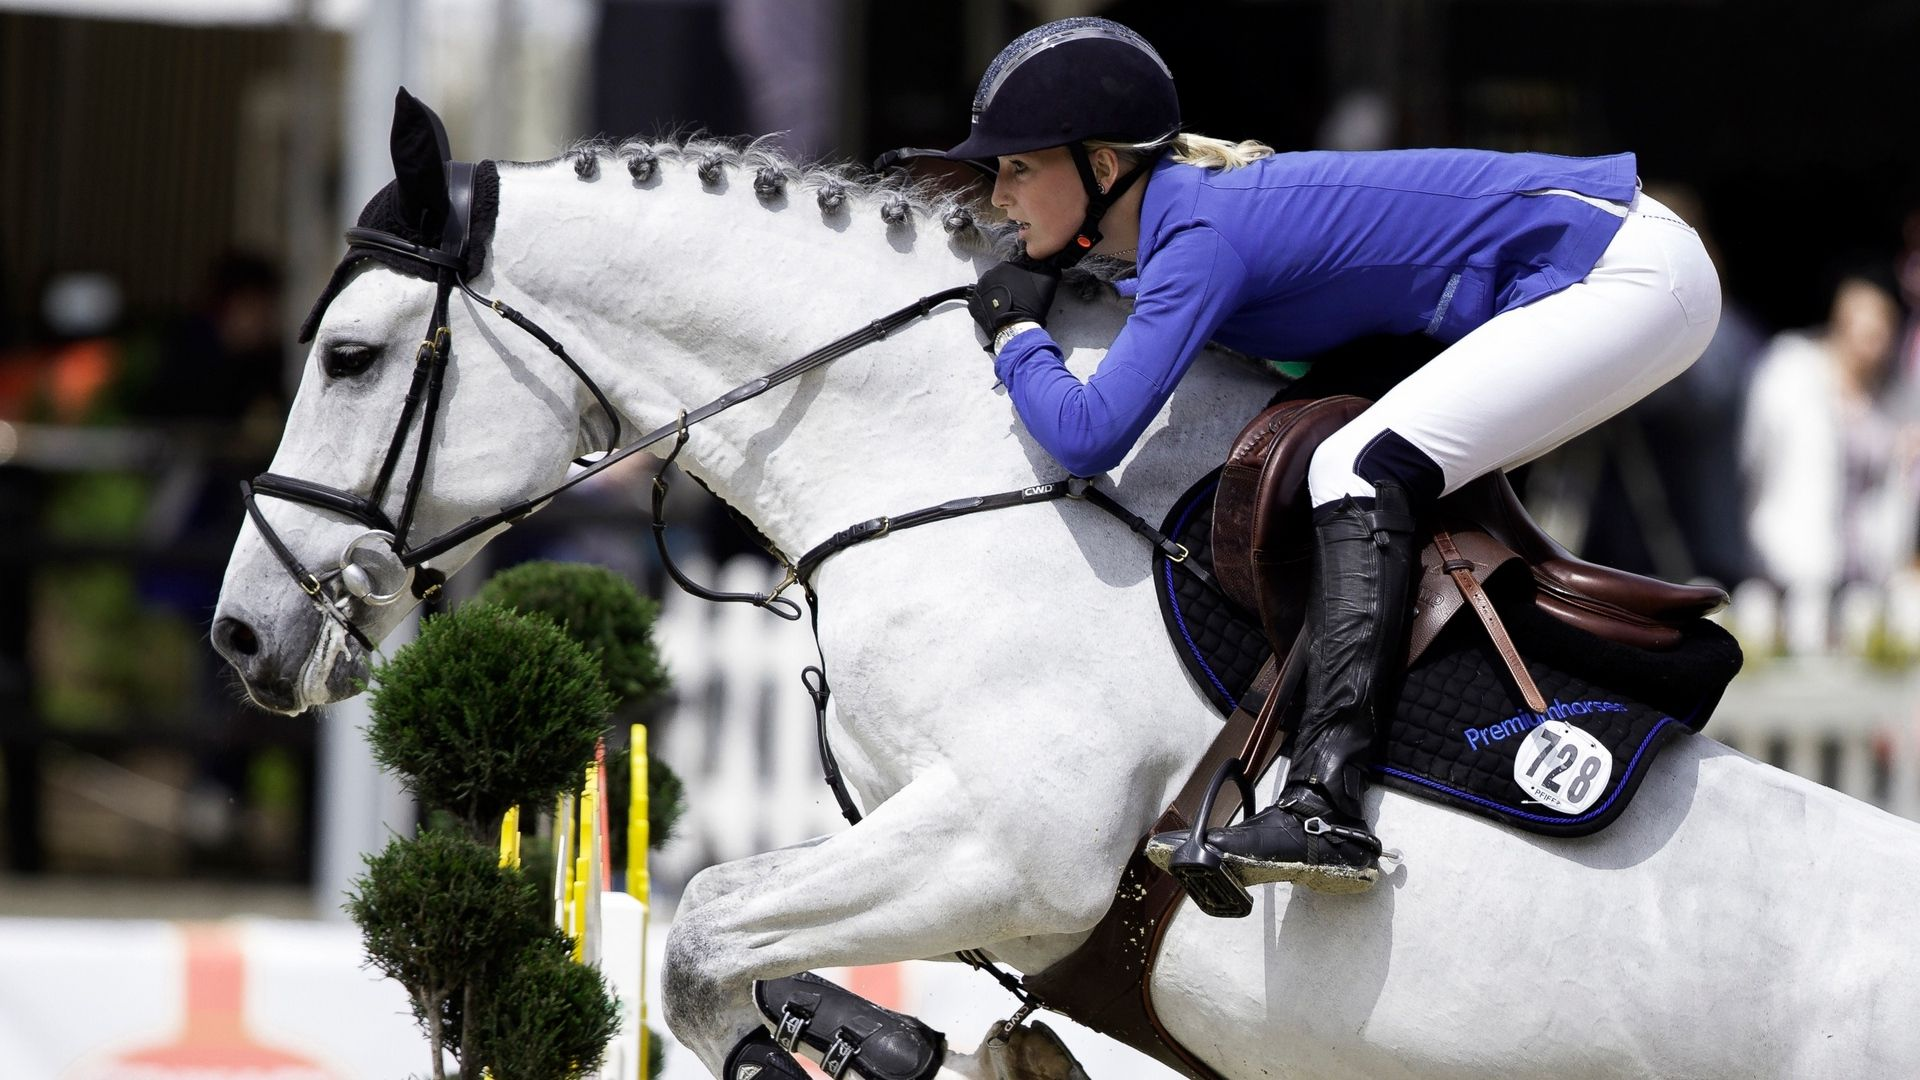 Equestrian hd wallpaper 1080